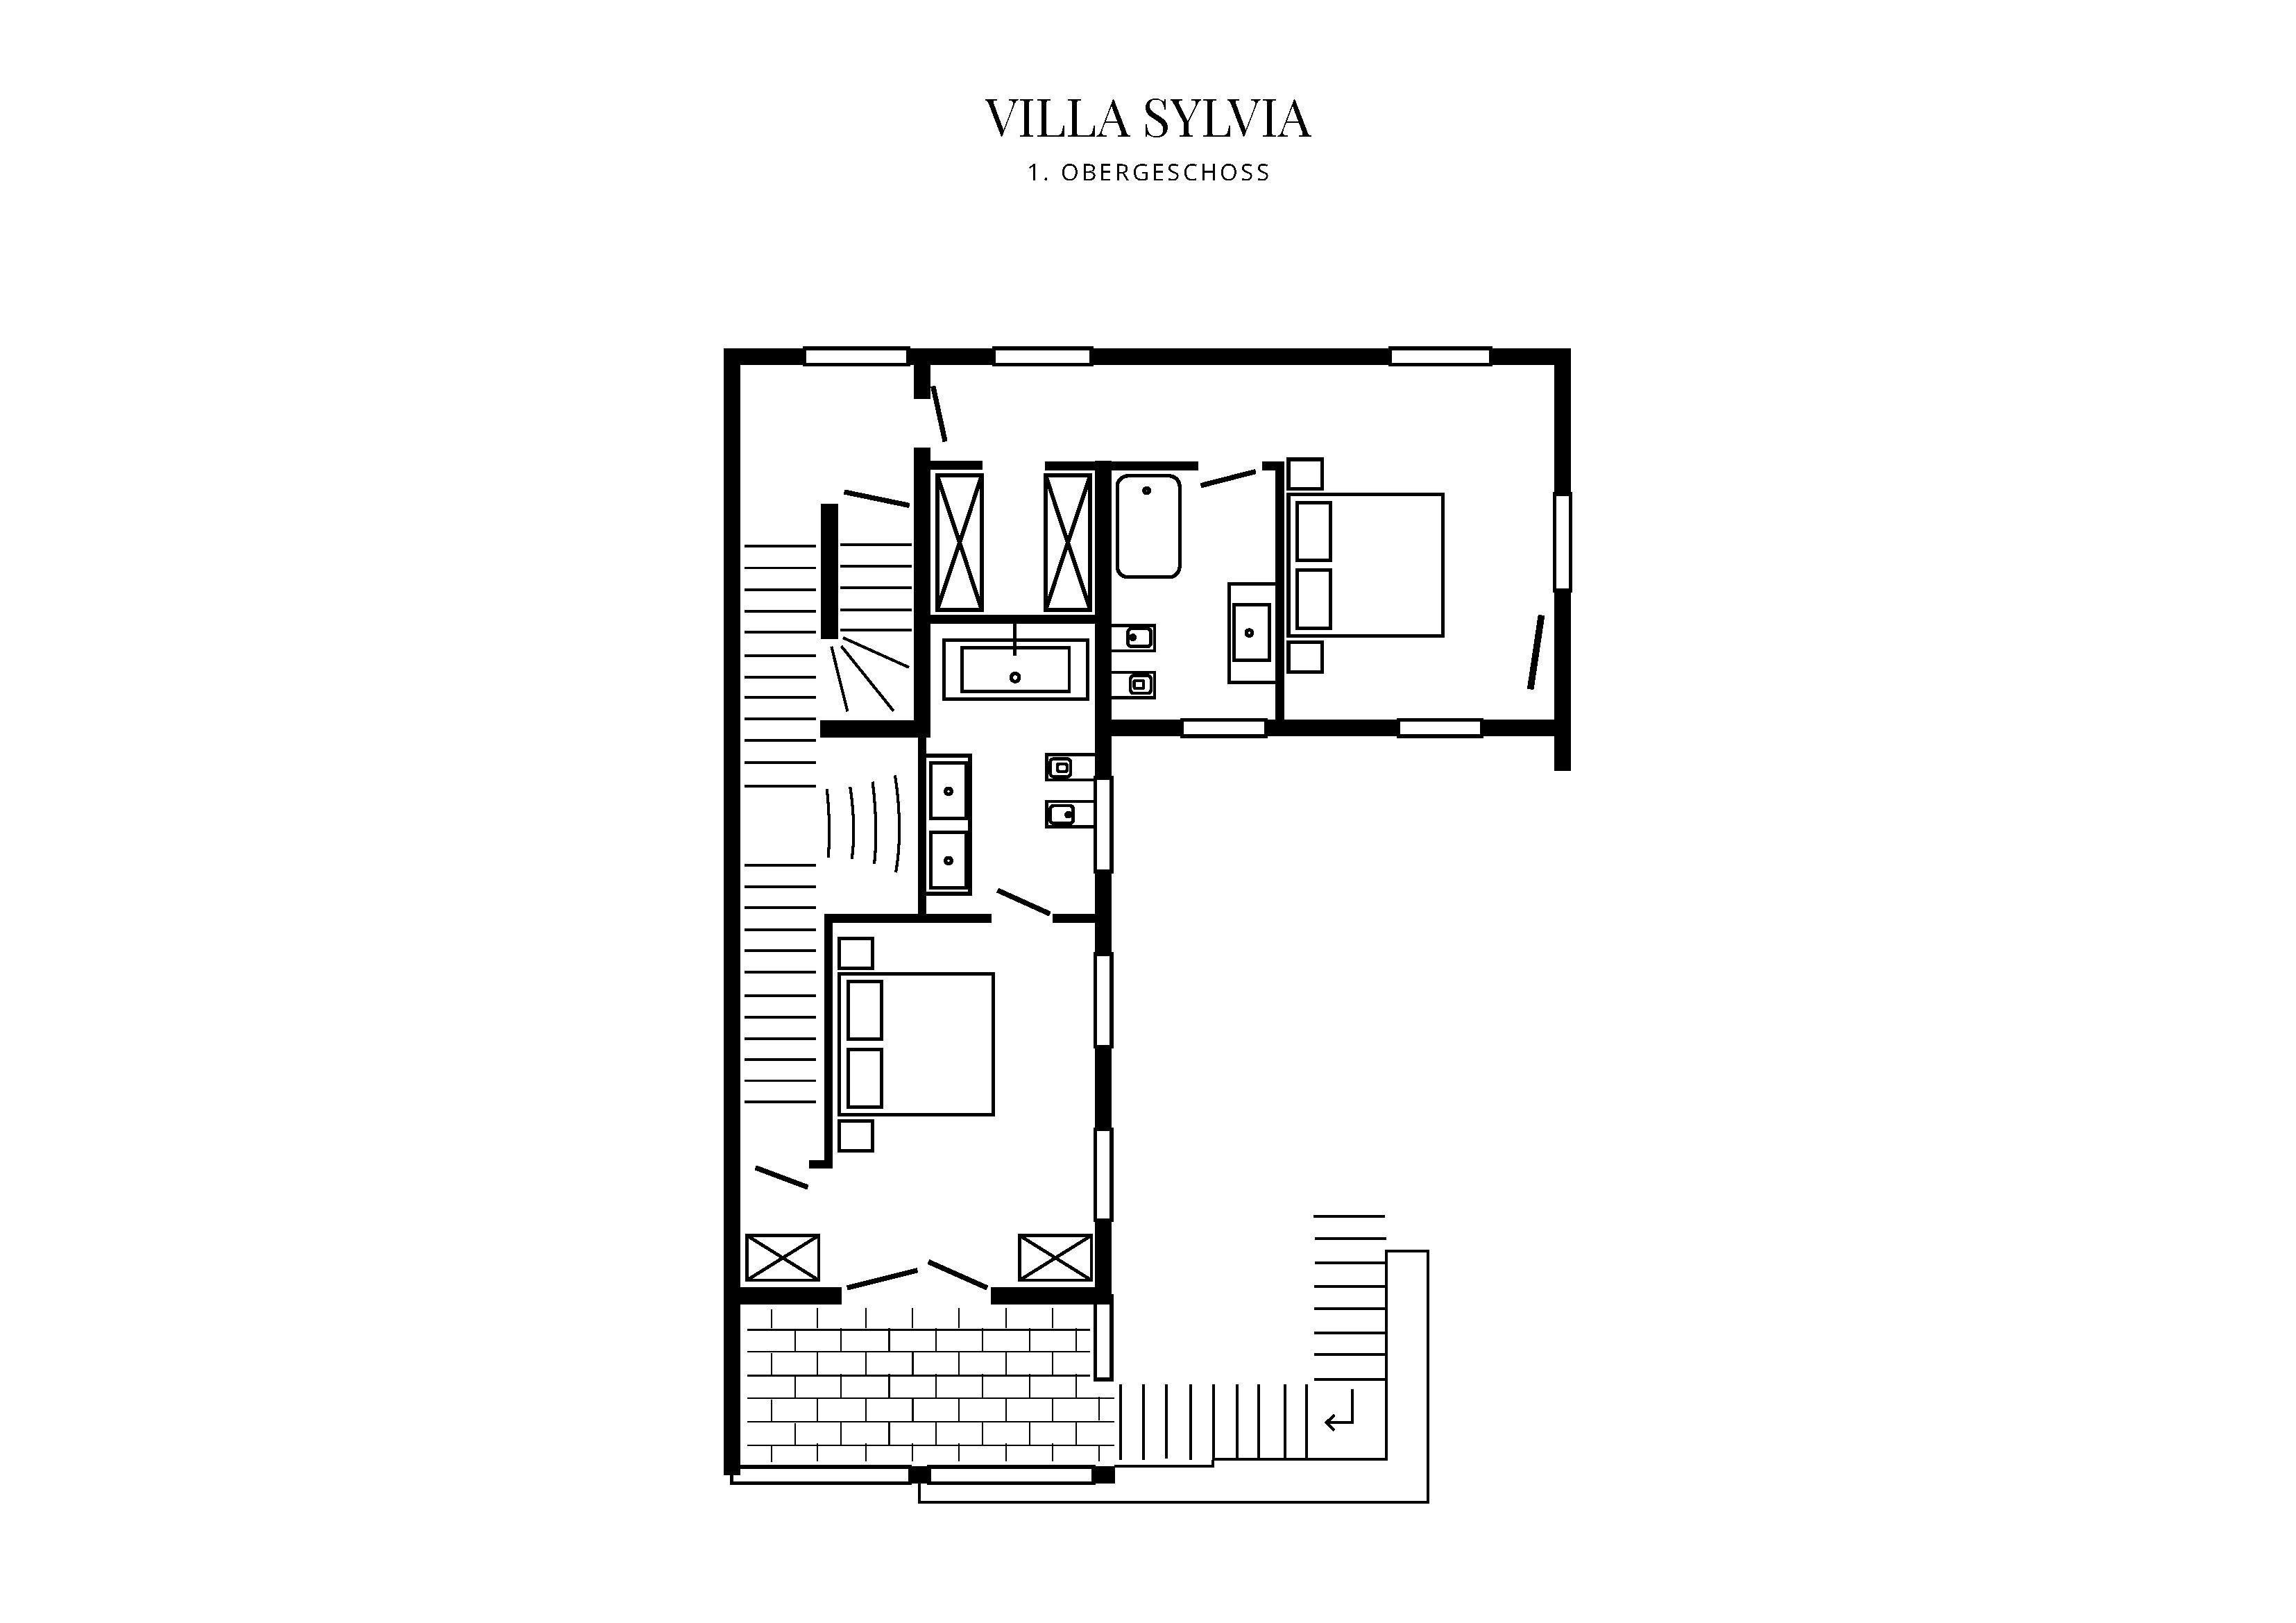 Grafik Grundriss Obergeschoss Villa Sylvia